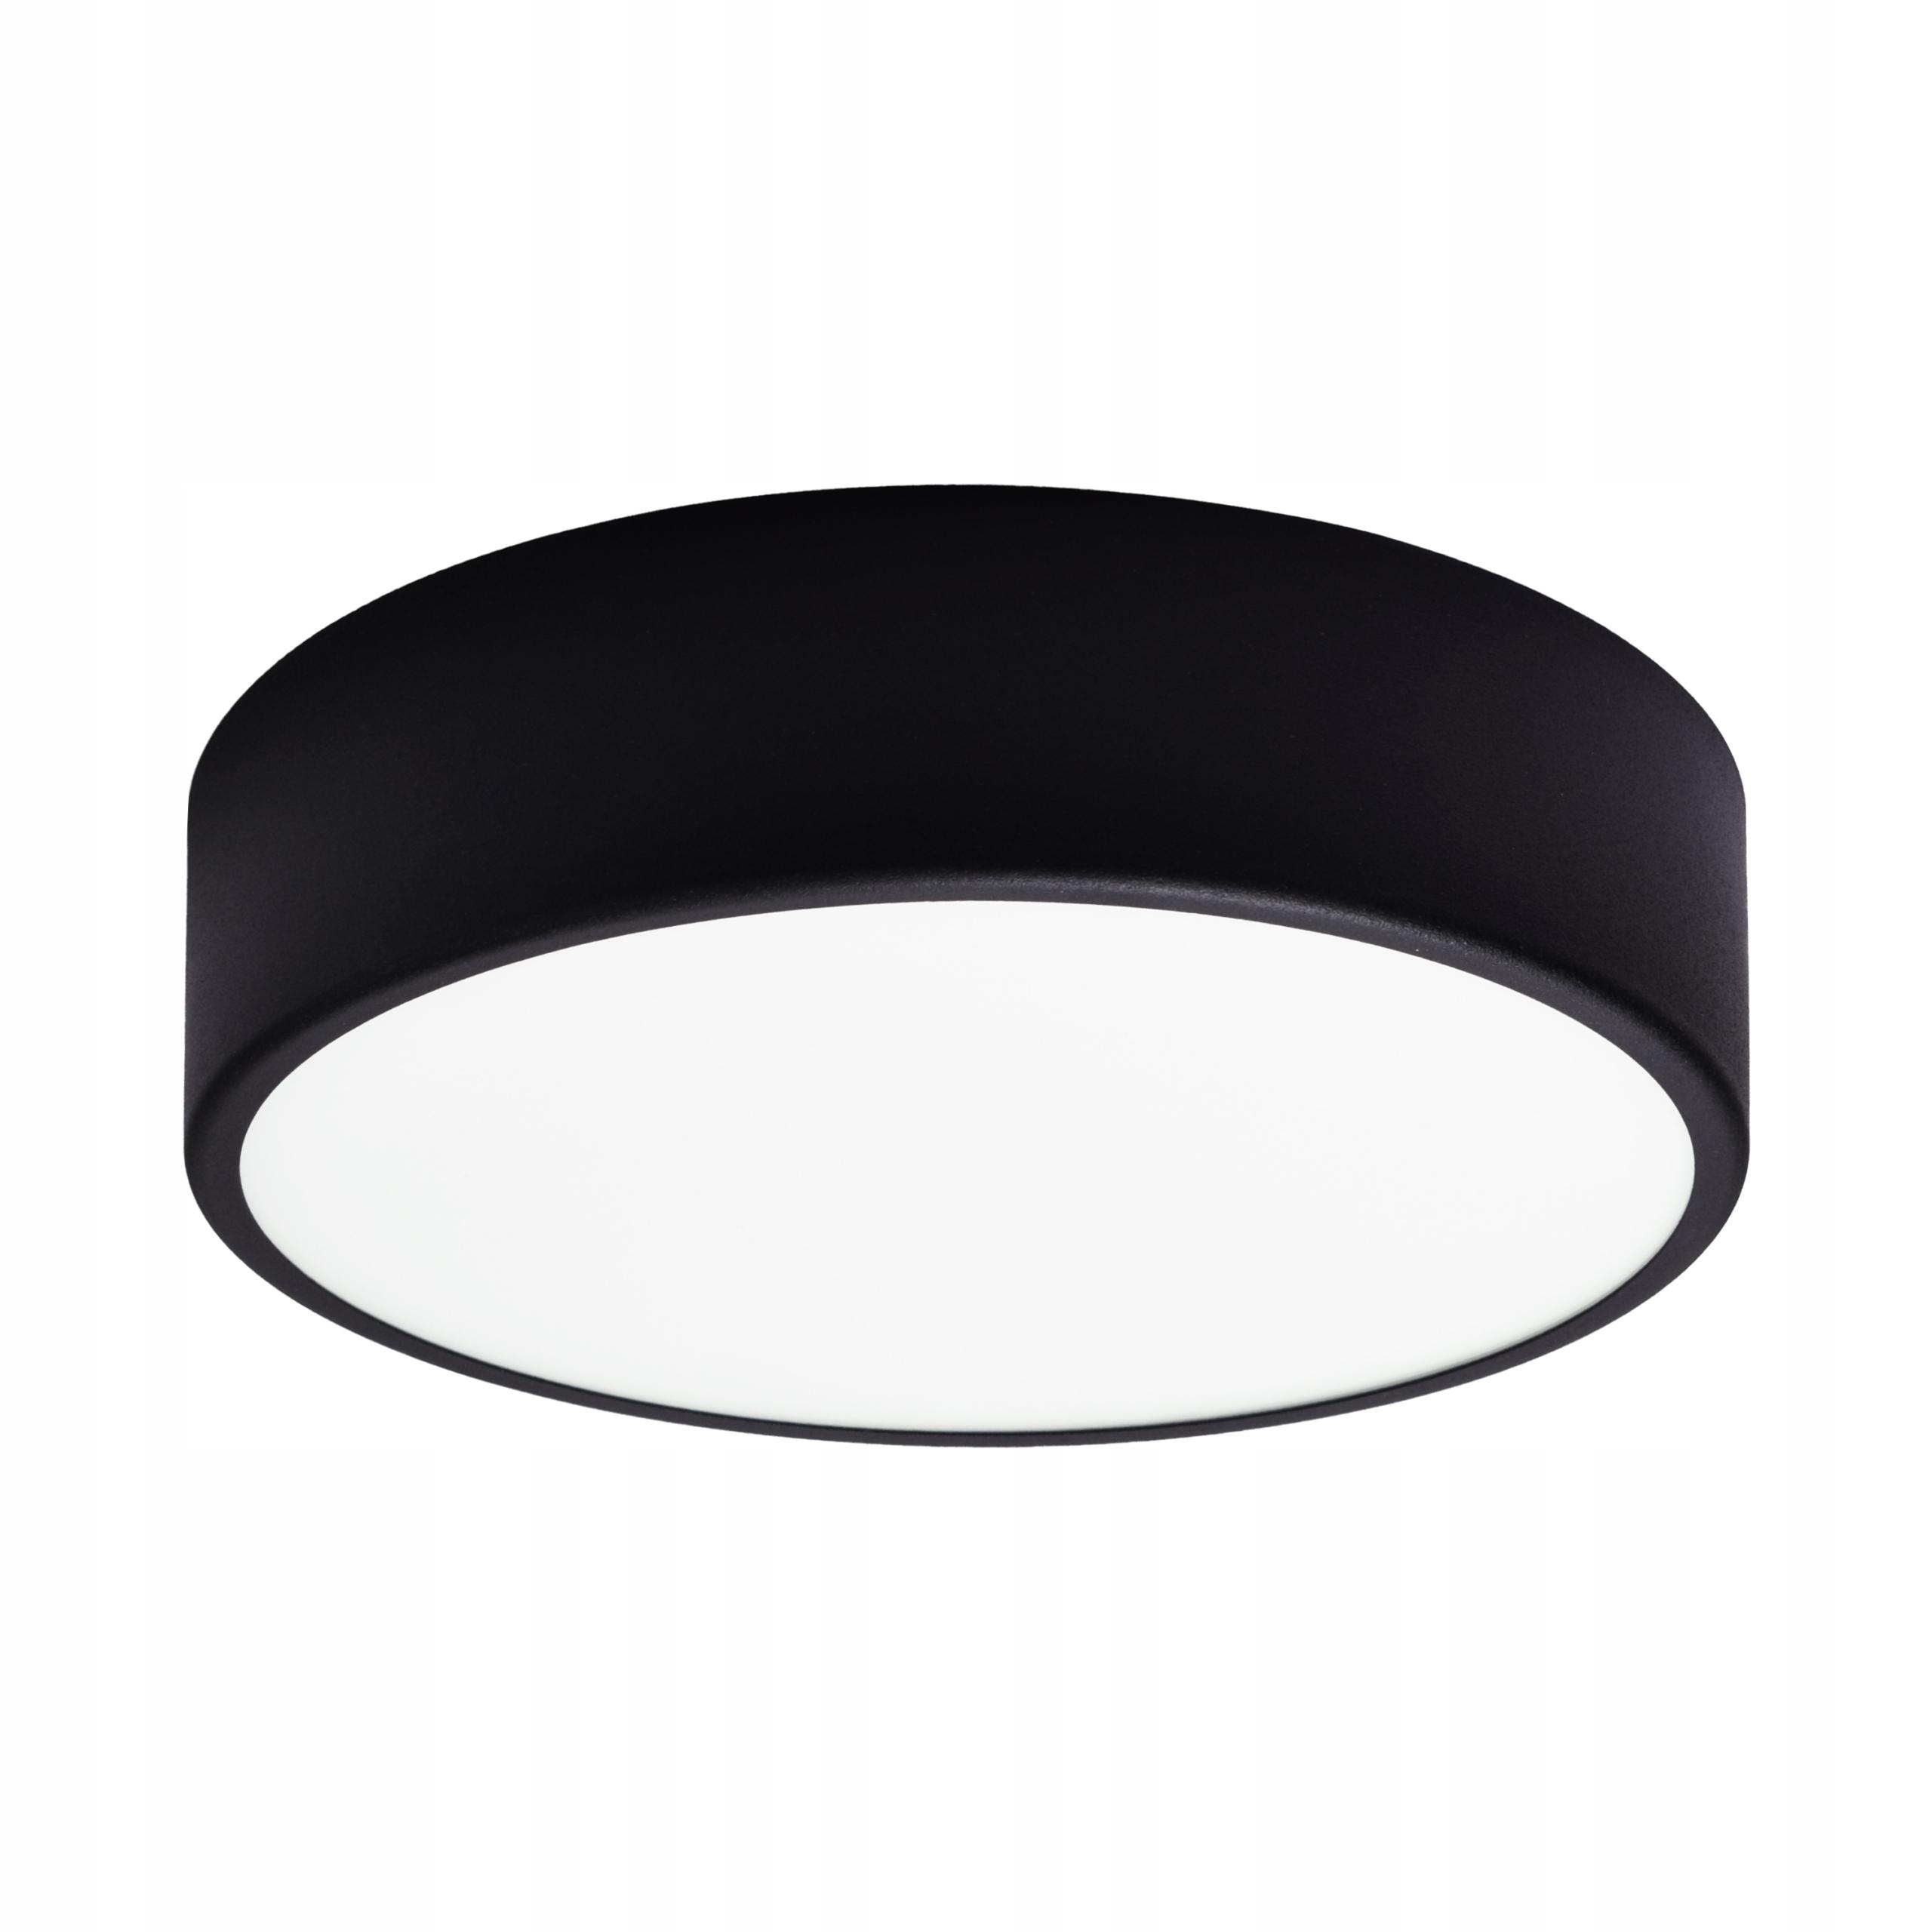 Потолочный светильник Plafond CLEO 300 80W Black 30см